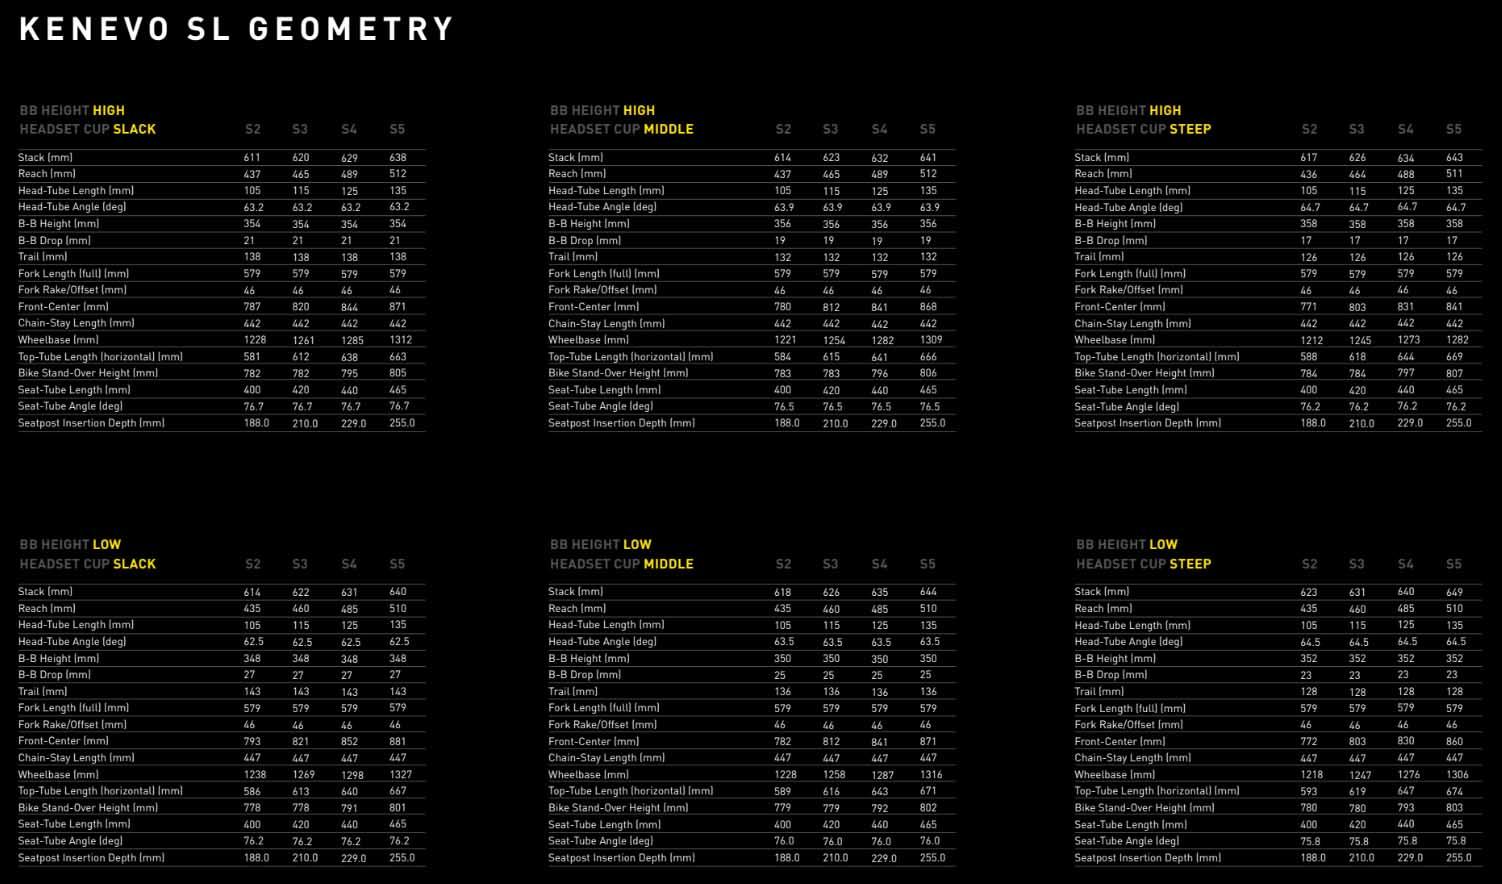 Specialized Kenevo SL geometry chart